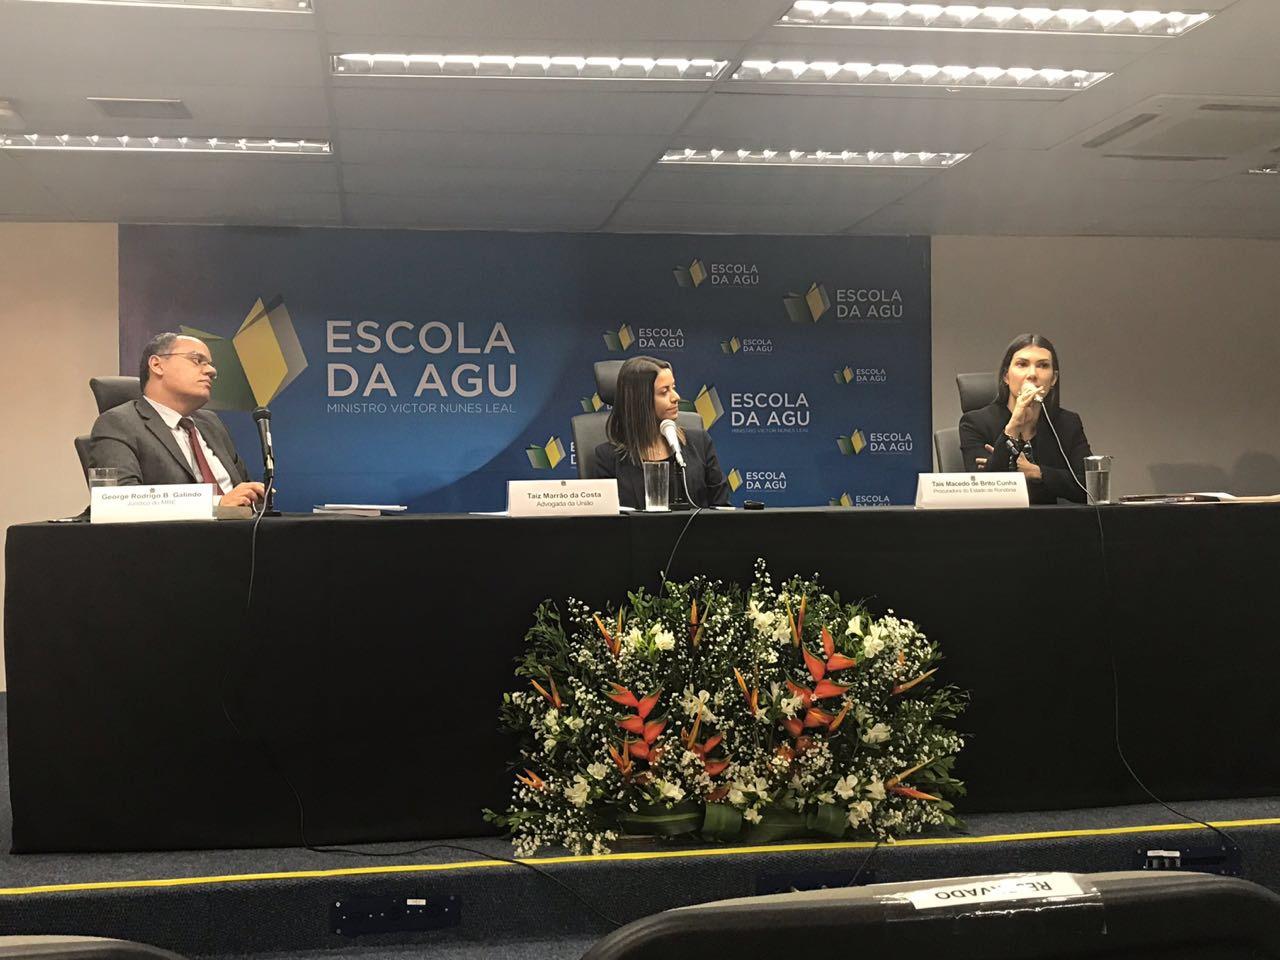 Procuradora Tais Cunha faz palestra em seminário internacional sobre Direitos Humanos e Advocacia Pública em Brasília